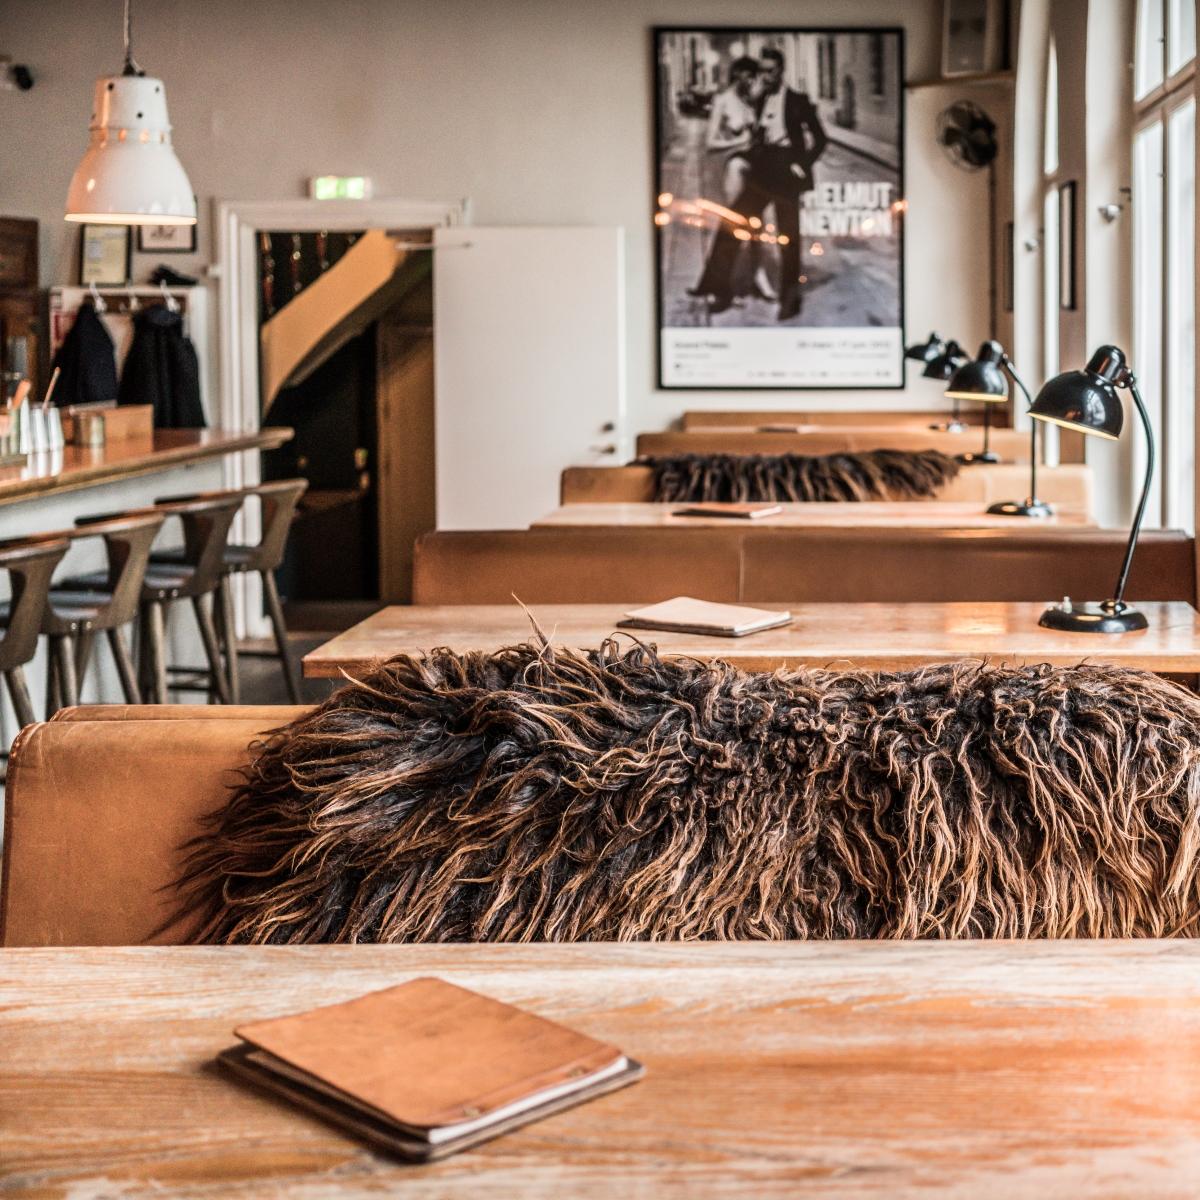 Lidkoeb_Cocktailbar in Kopenhagen Vesterbro_Erdgeschoss